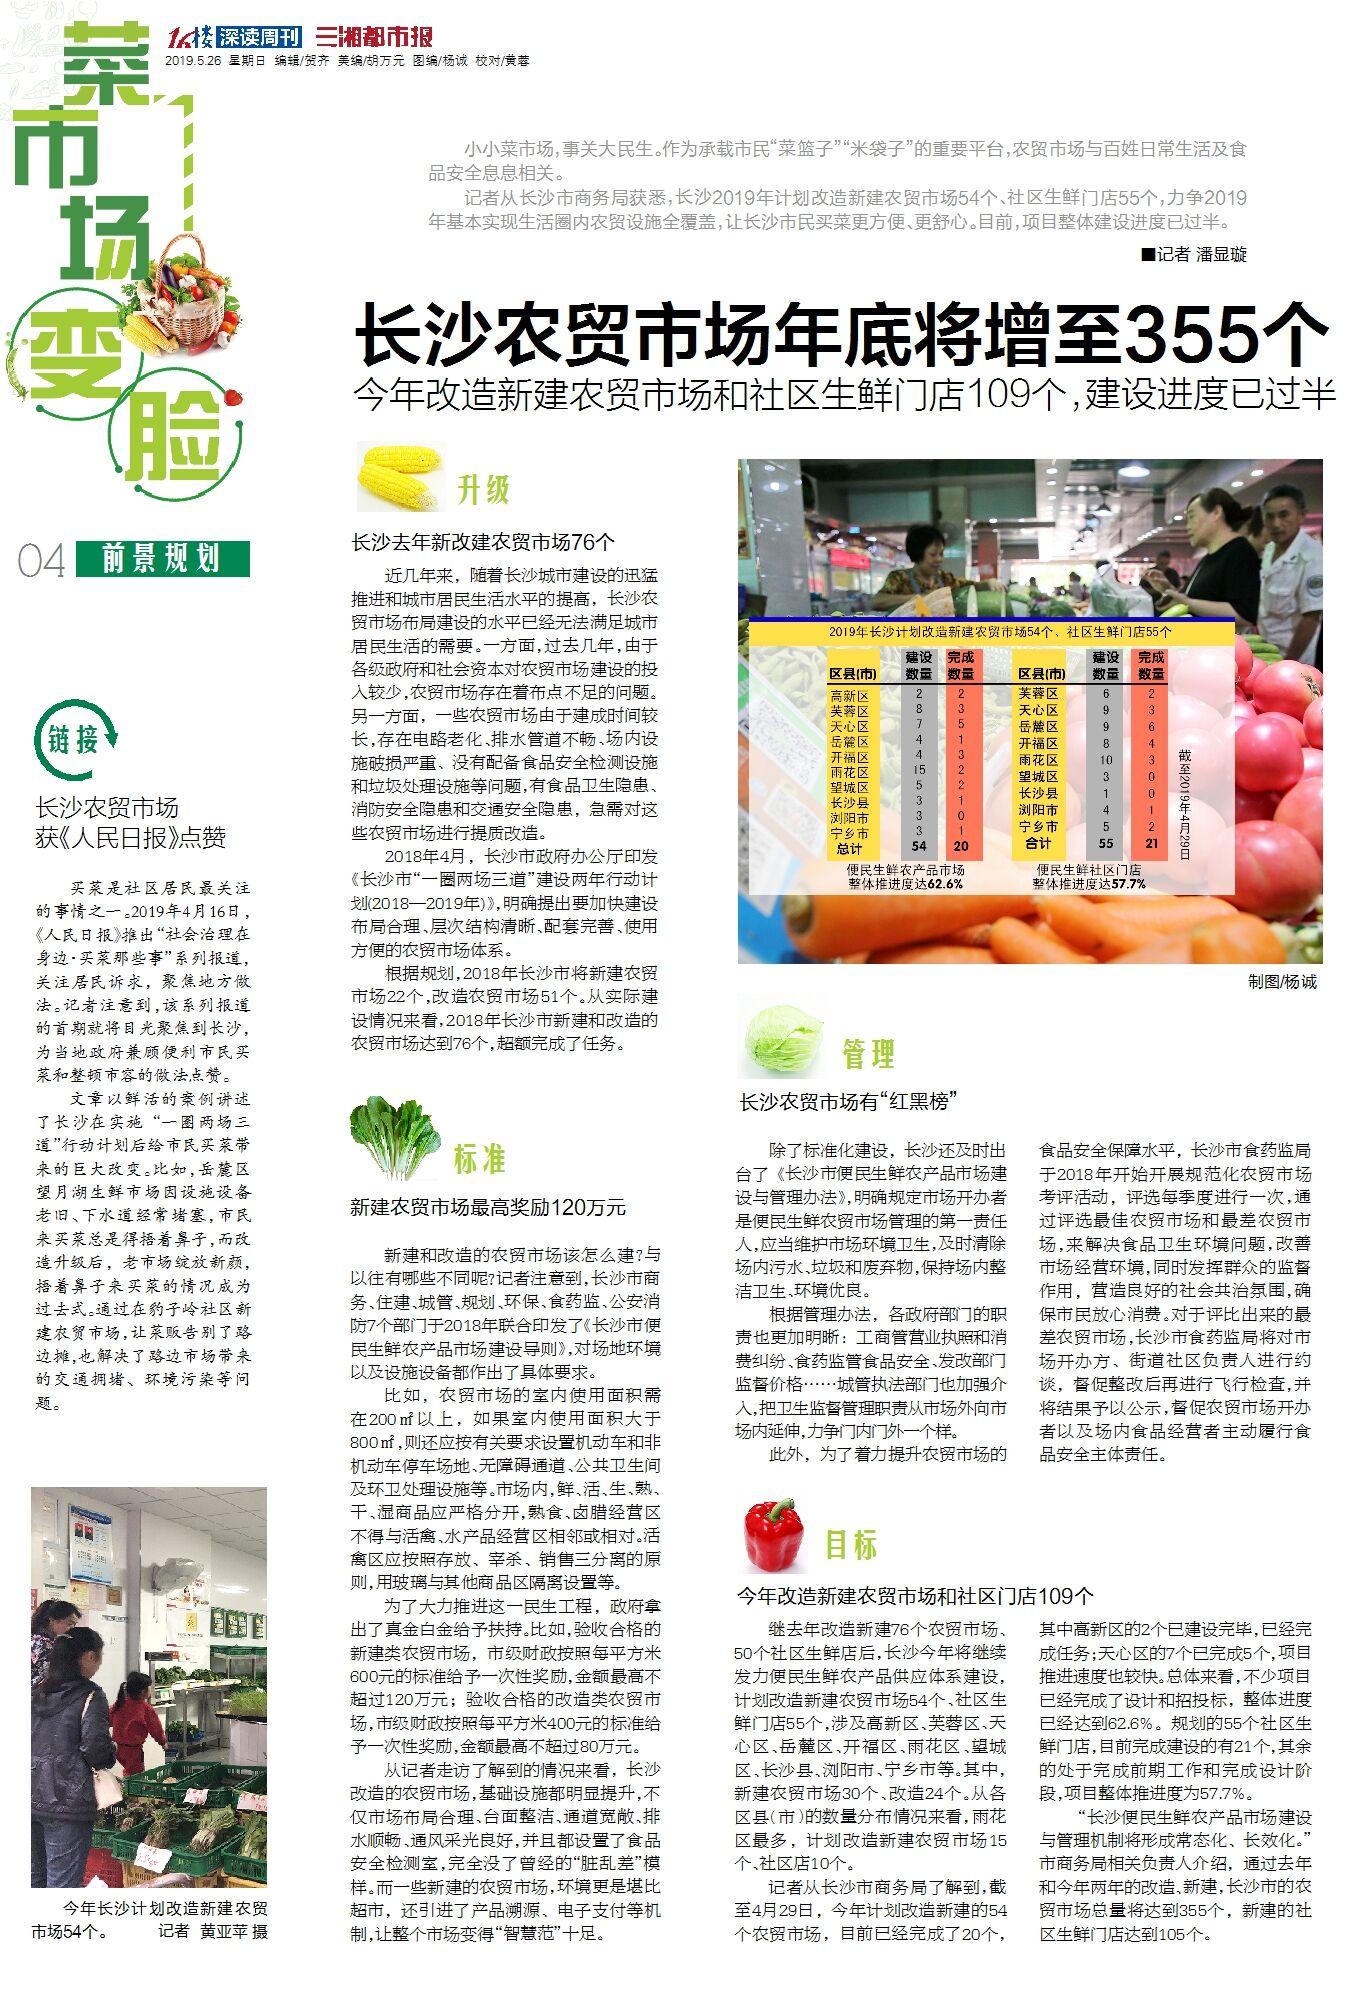 前景规划 | 长沙农贸市场年底将增至35...